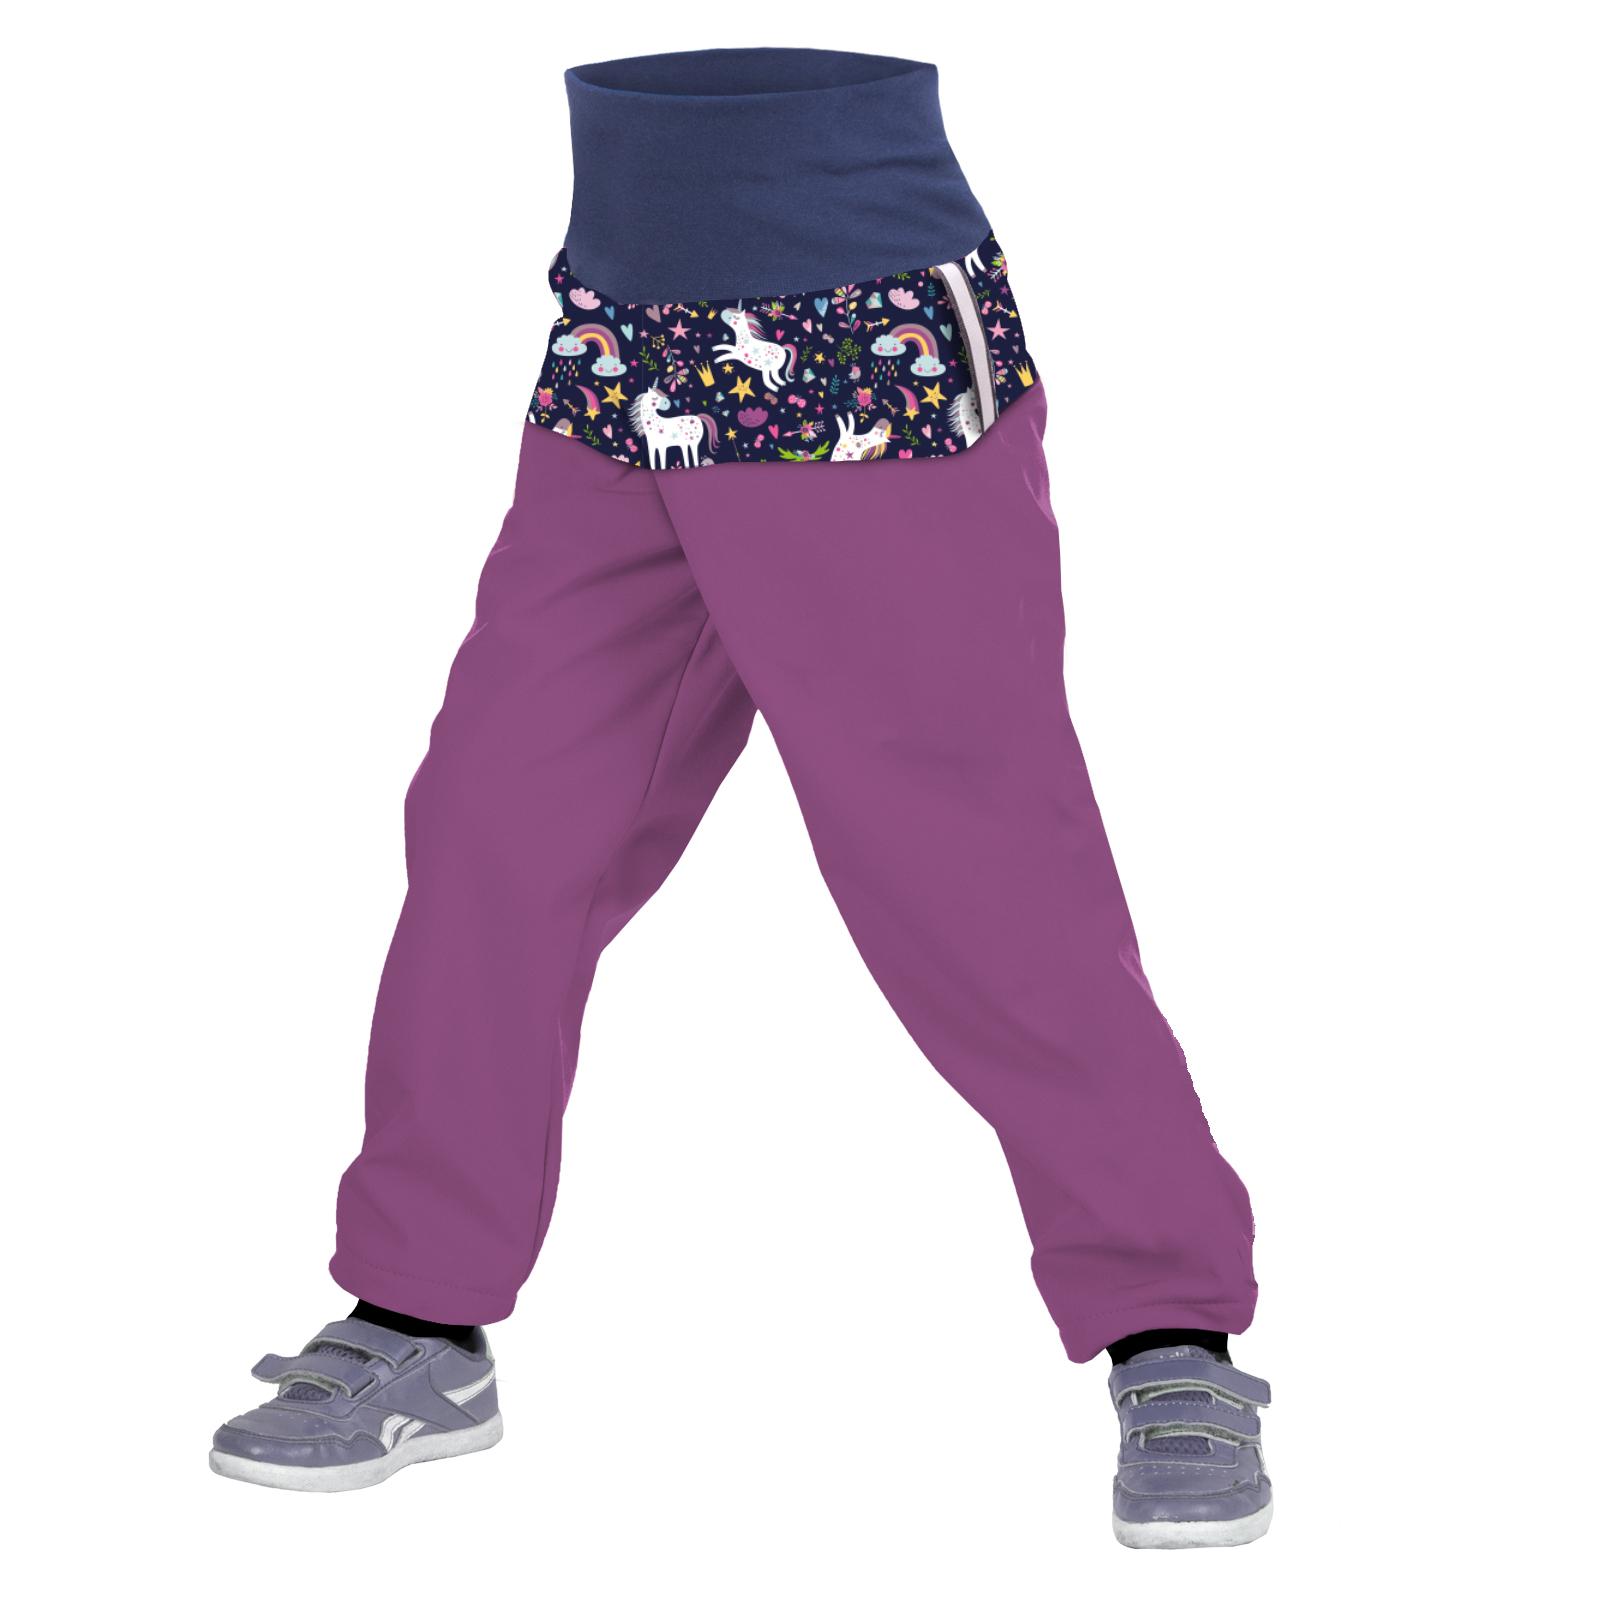 Unuo Batolecí softshellové kalhoty s fleecem, Ostružinová, Jednorožci Velikost: 86/92 SLIM